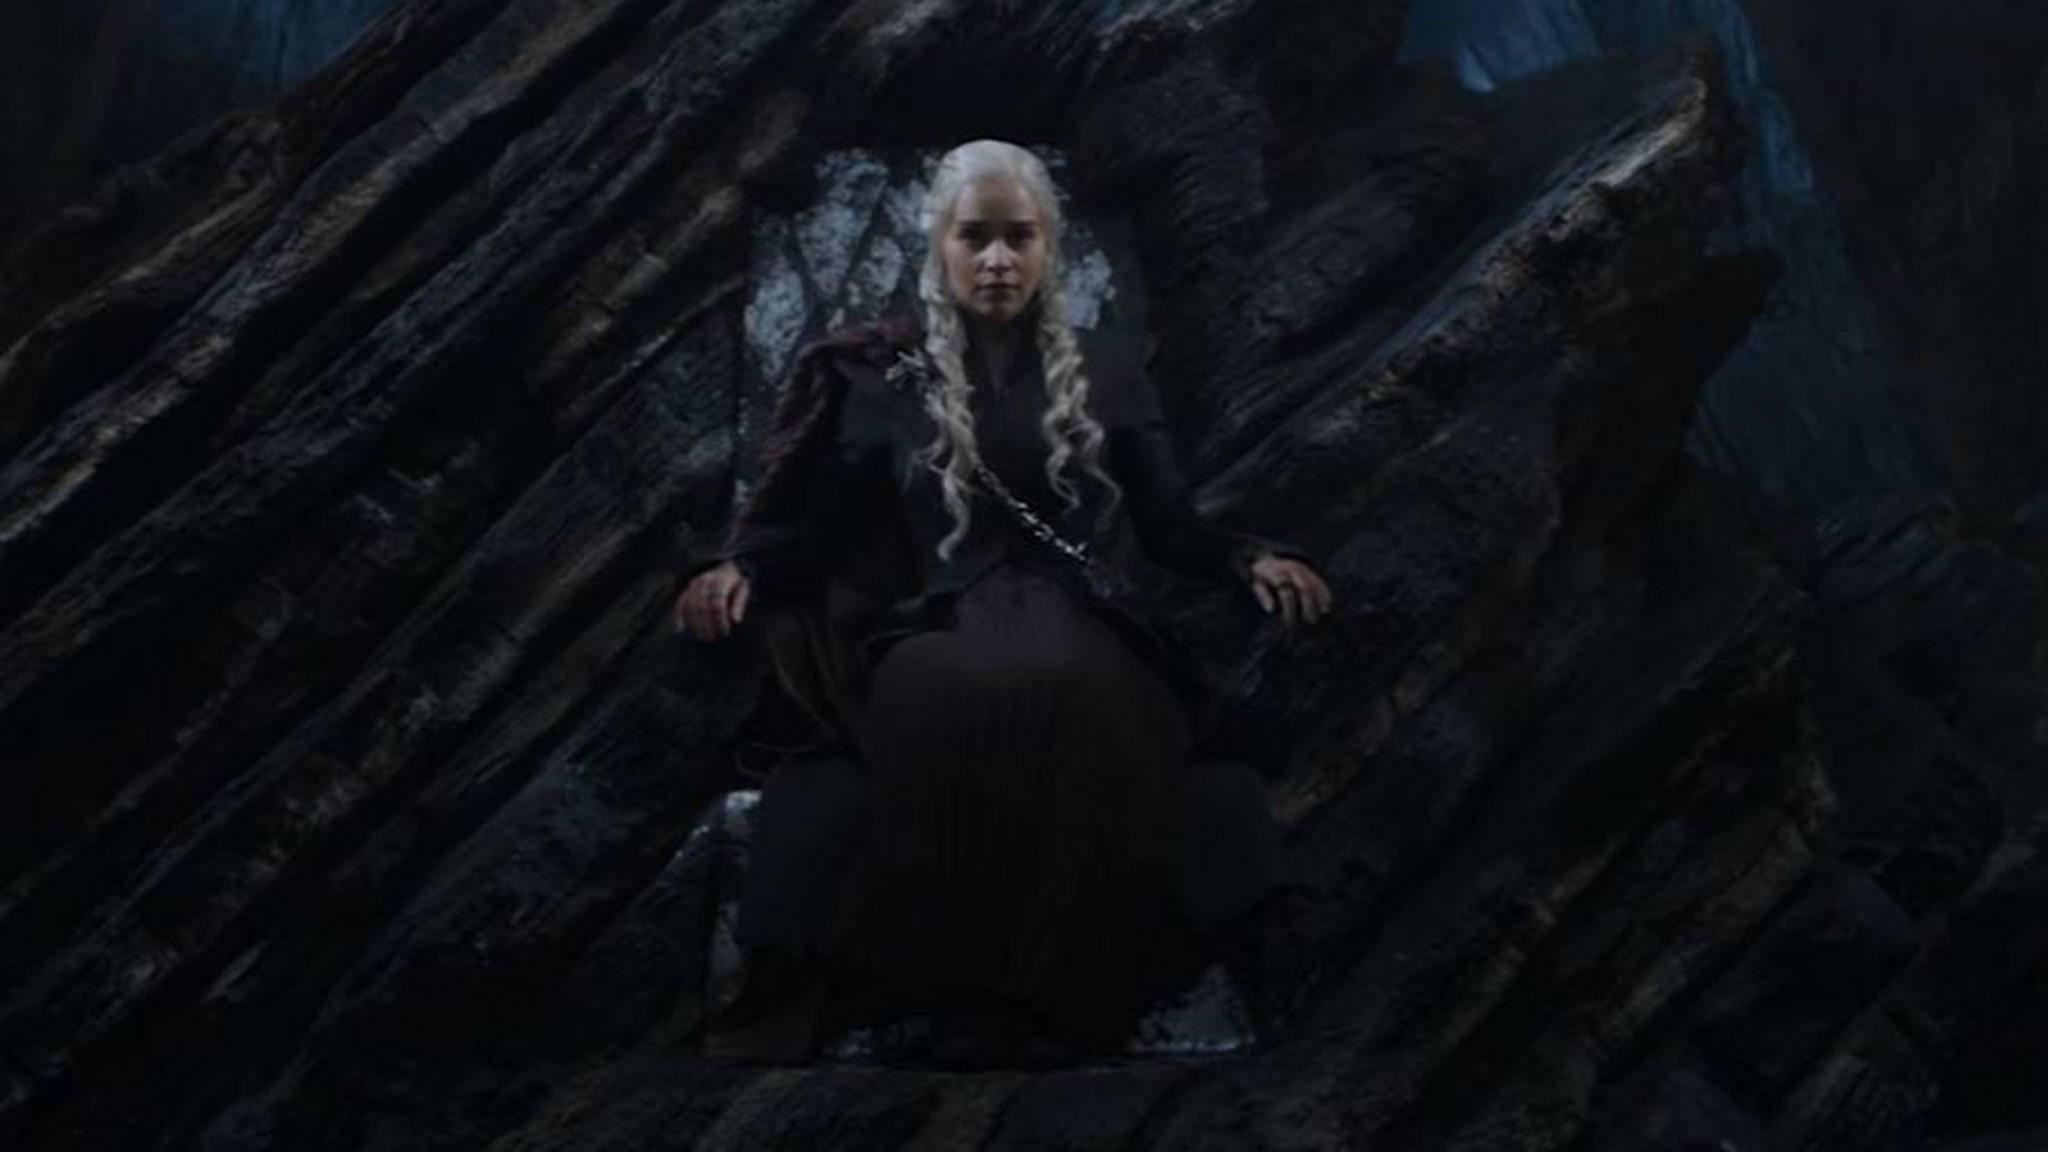 In Episode 3 empfängt Daenerys endlich Jon Snow in ihren heiligen Hallen.